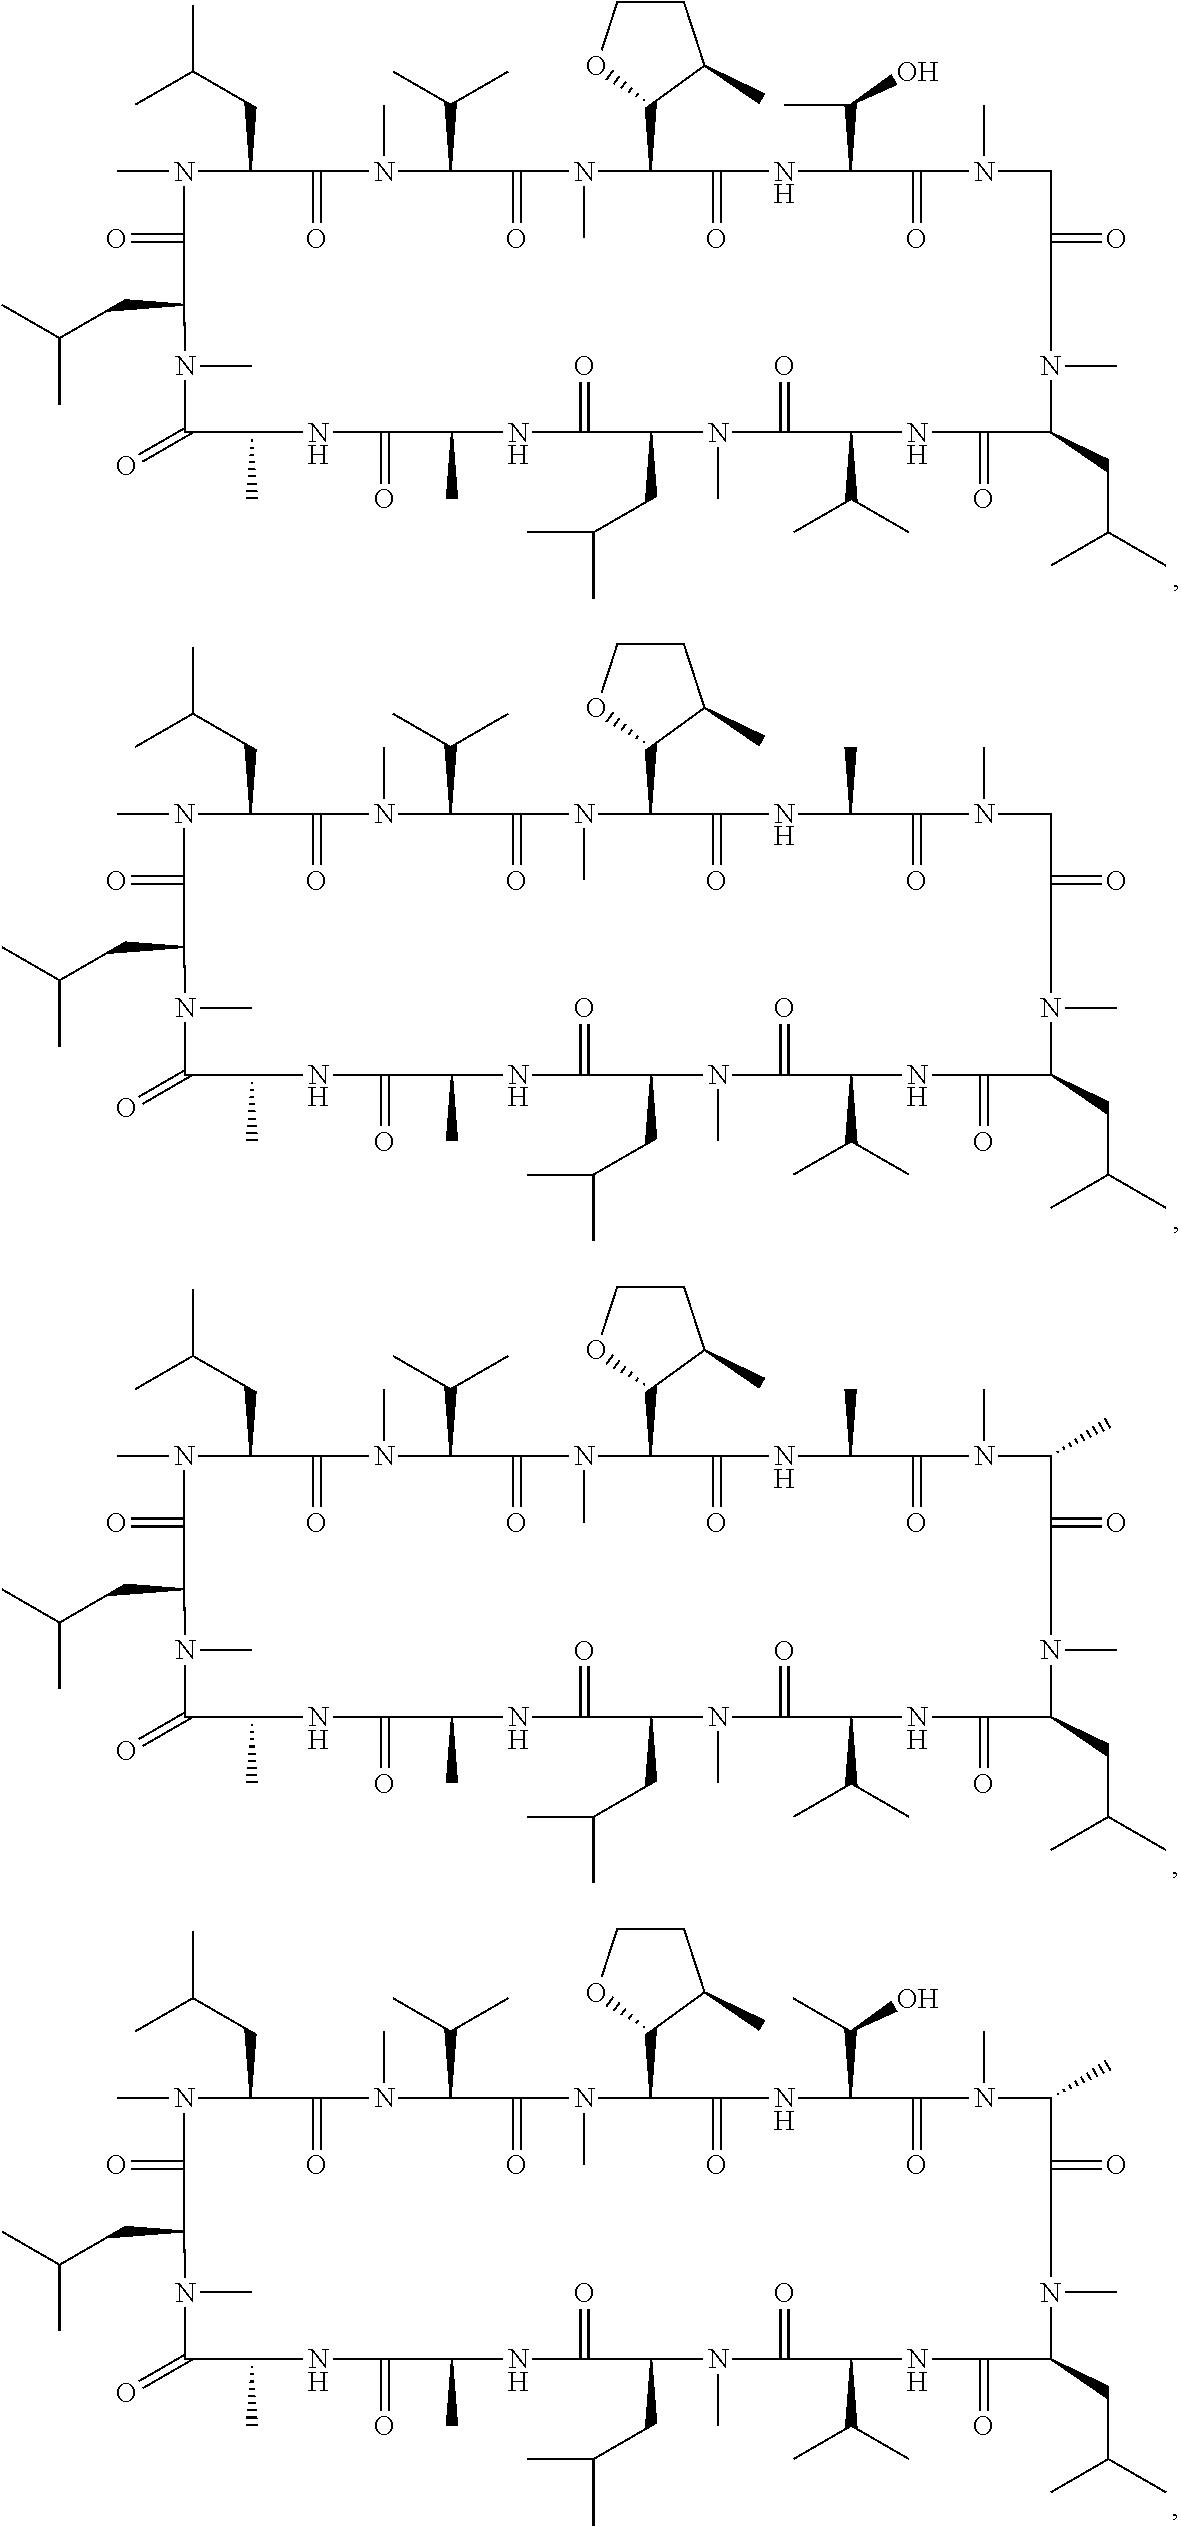 Figure US09914755-20180313-C00015